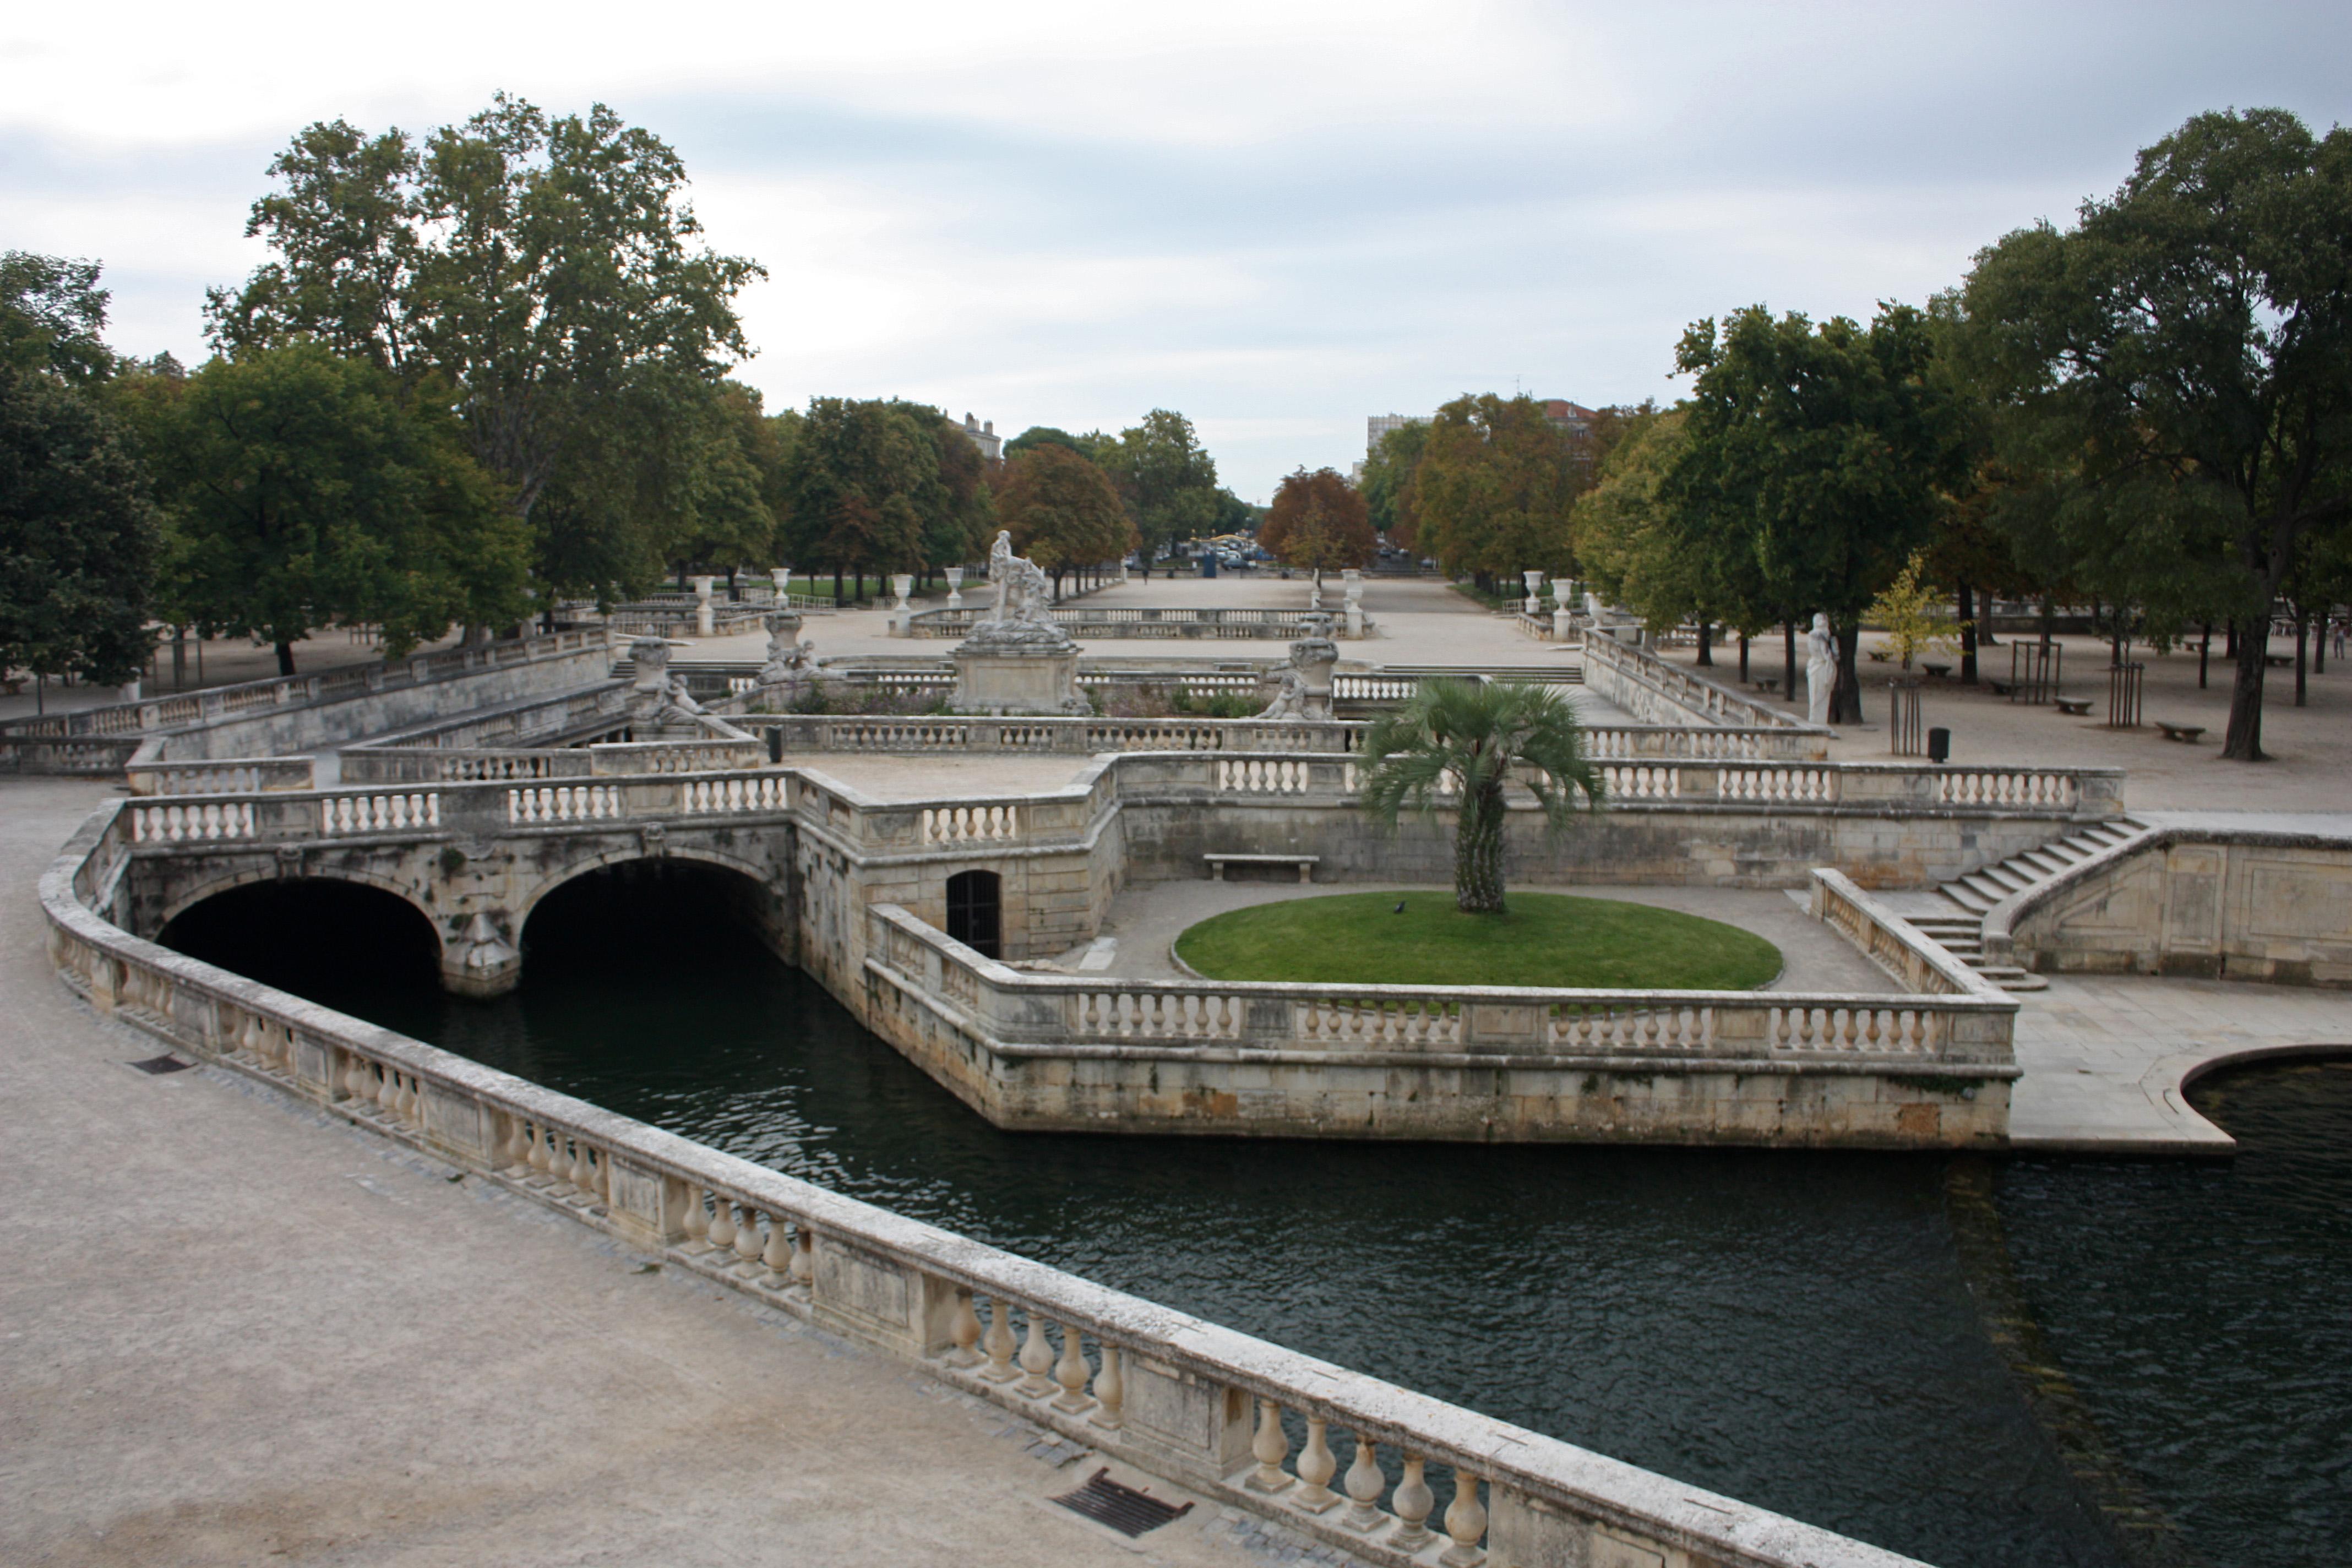 Jardins de la fontaine for Meuble de jardin nimes